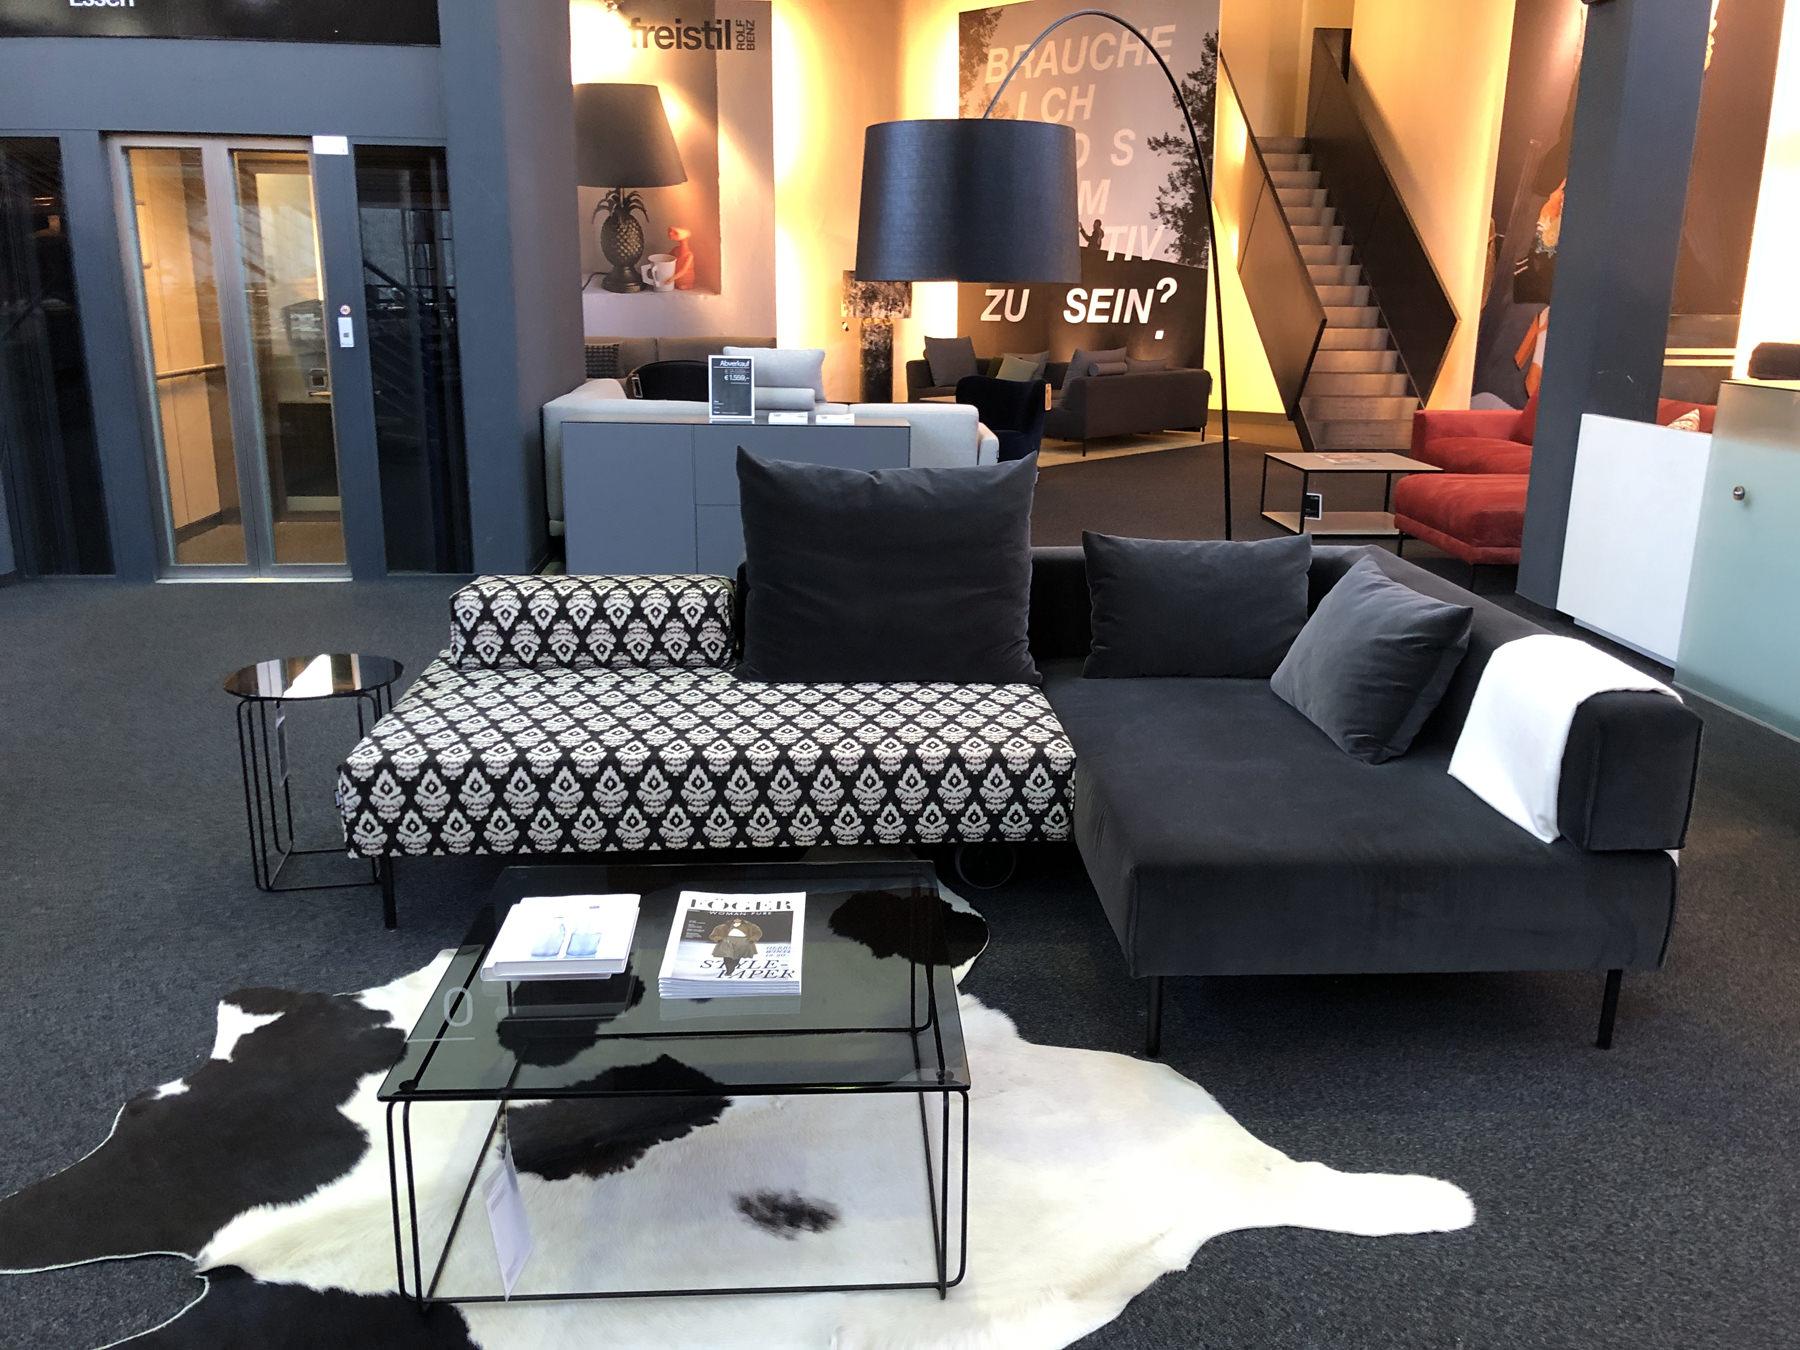 Full Size of Freistil Modul Sofa 135 Fgerat Küche Ausstellungsstück Bett Wohnzimmer Freistil Ausstellungsstück